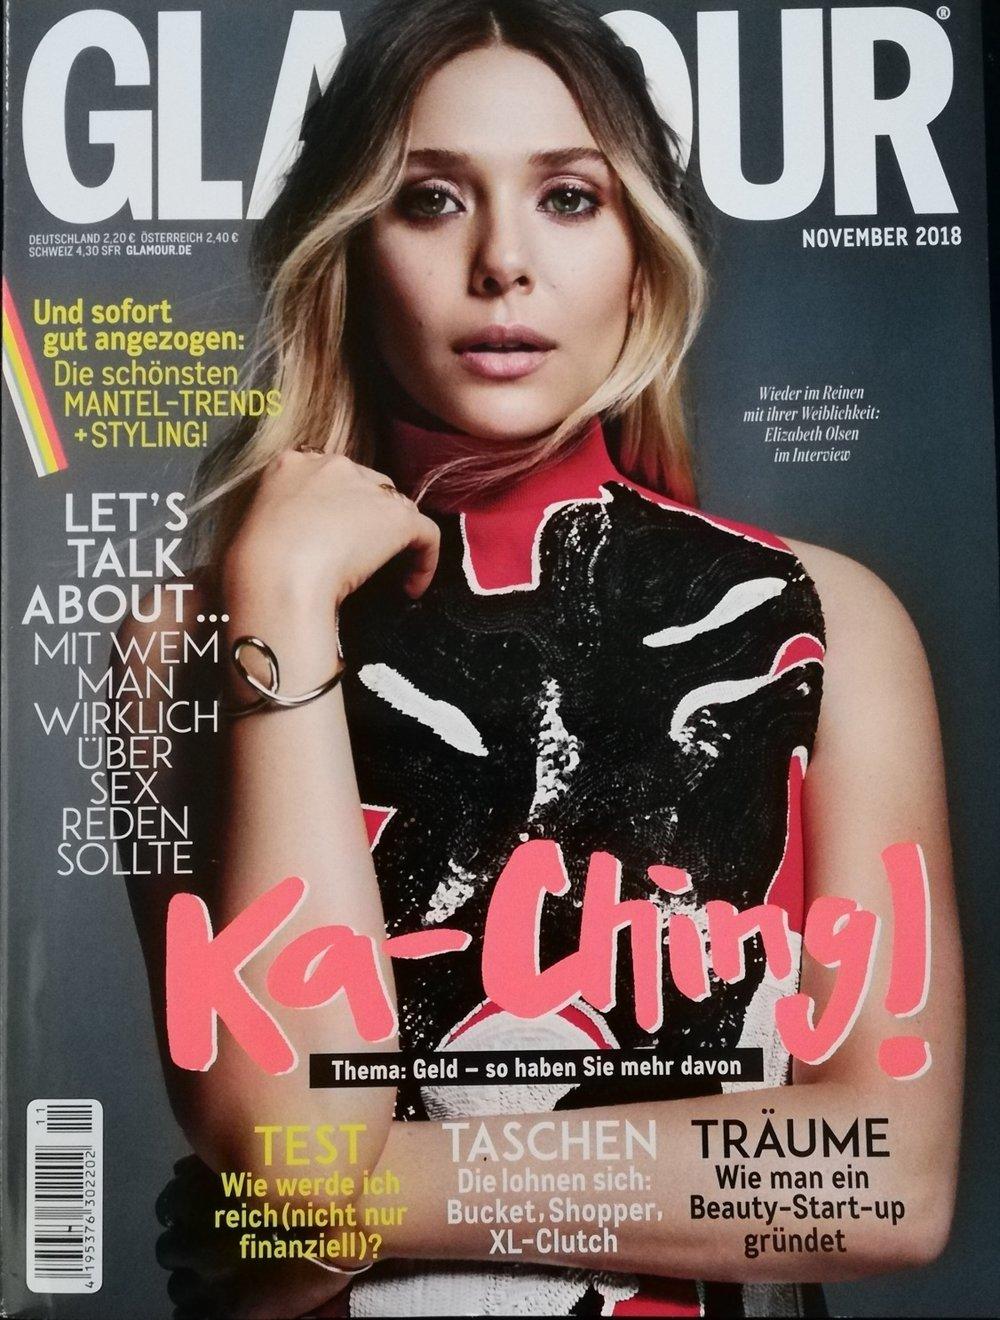 Glamour, November 2018